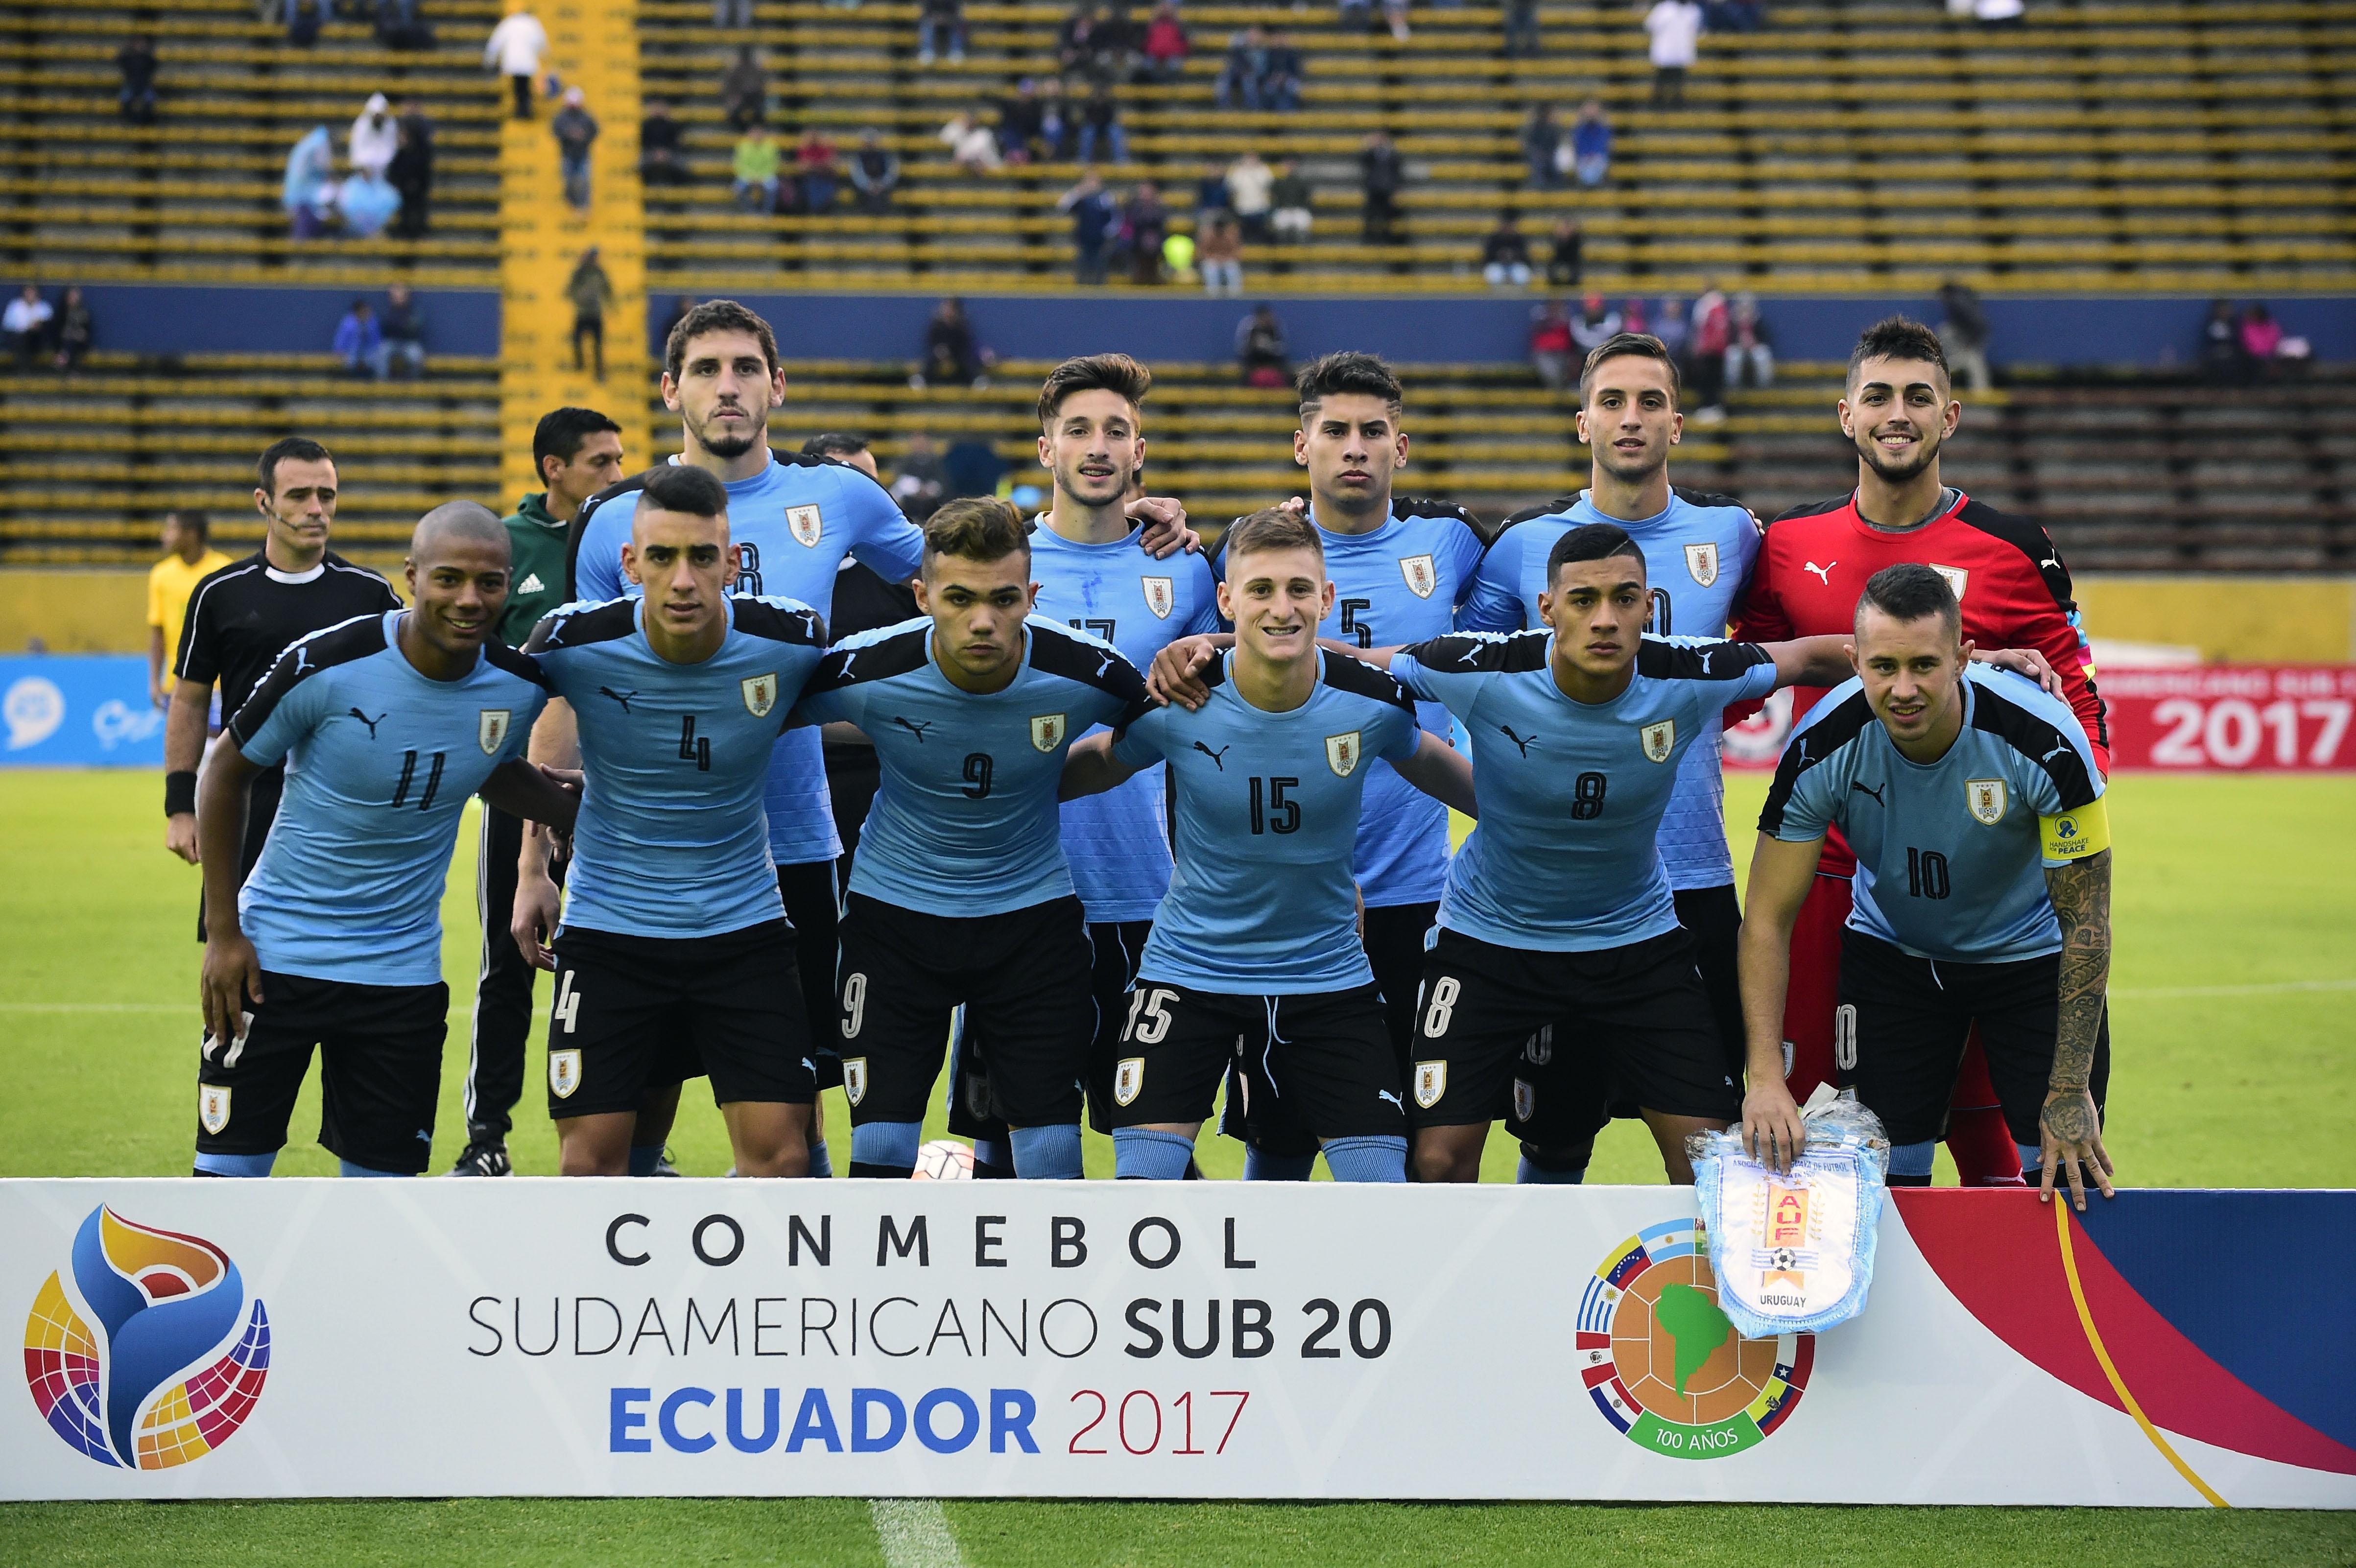 Hilo Libre Para Conversaciones Uruguay-sub20-brasil-sudamericano-AFP-3